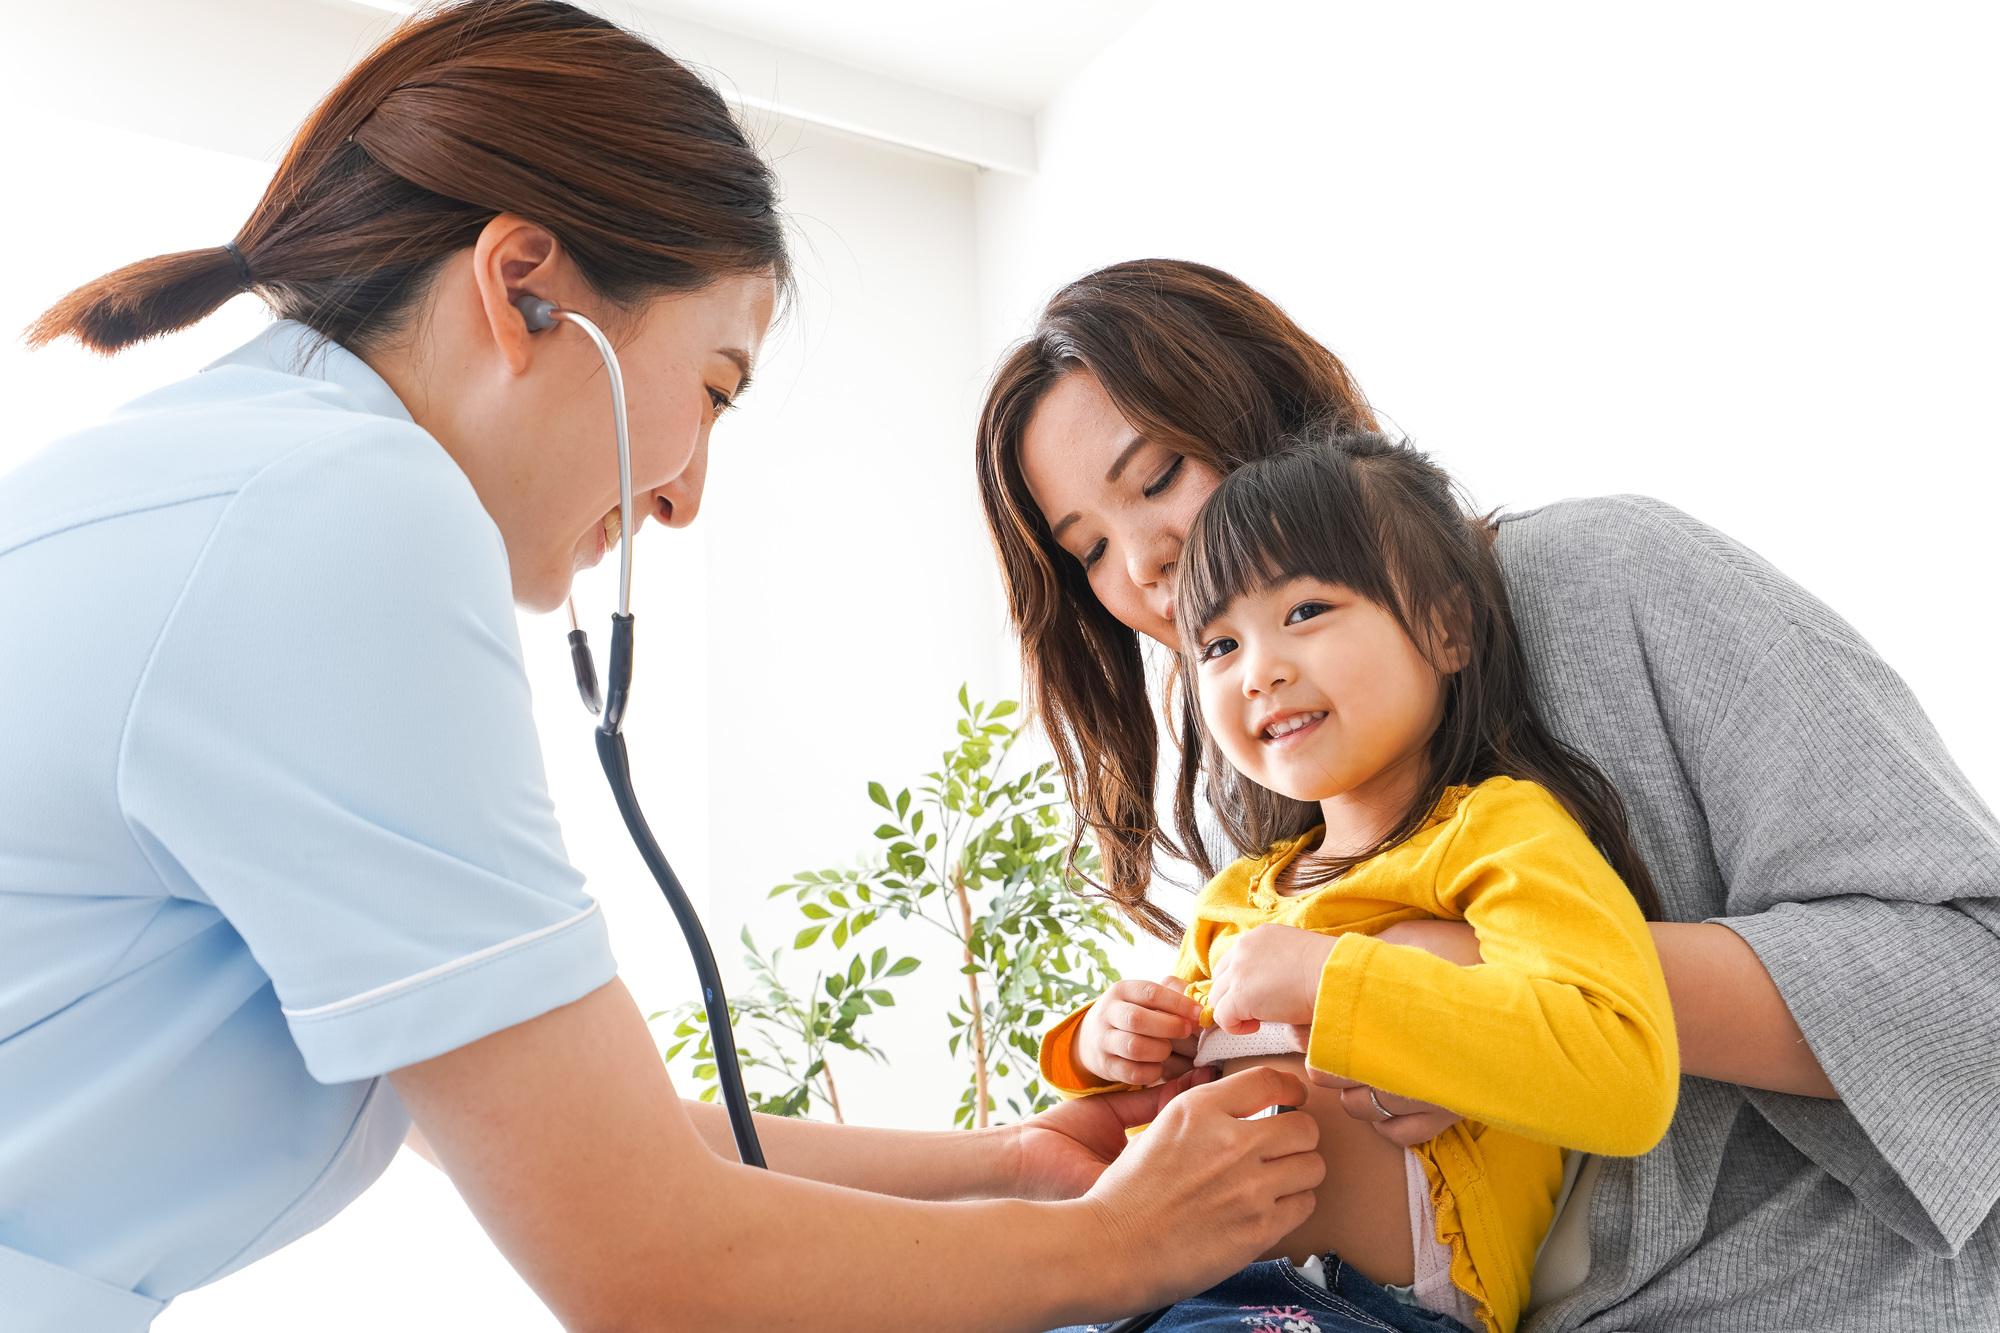 インフルエンザの予防接種